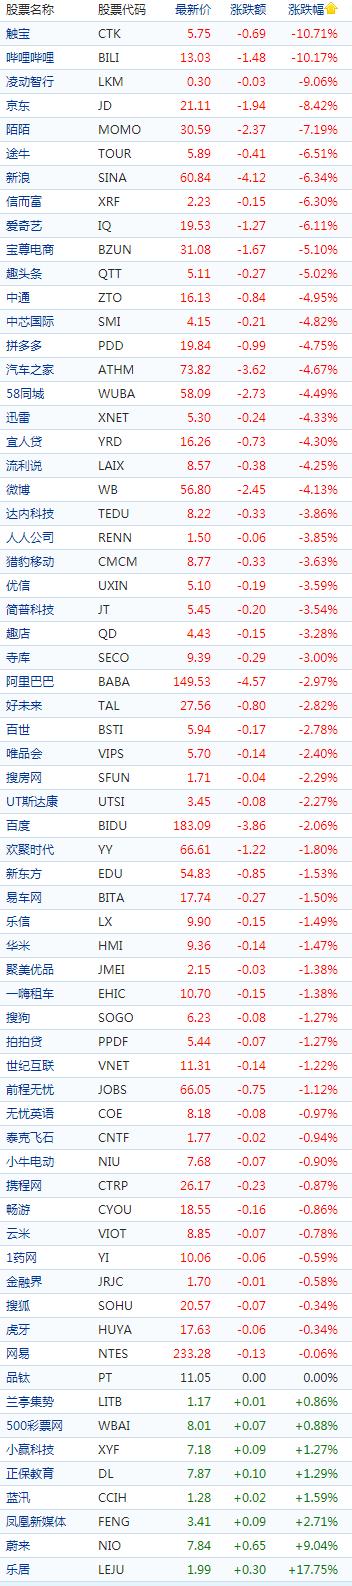 中概股周一收盘普跌 B站大跌10.17%